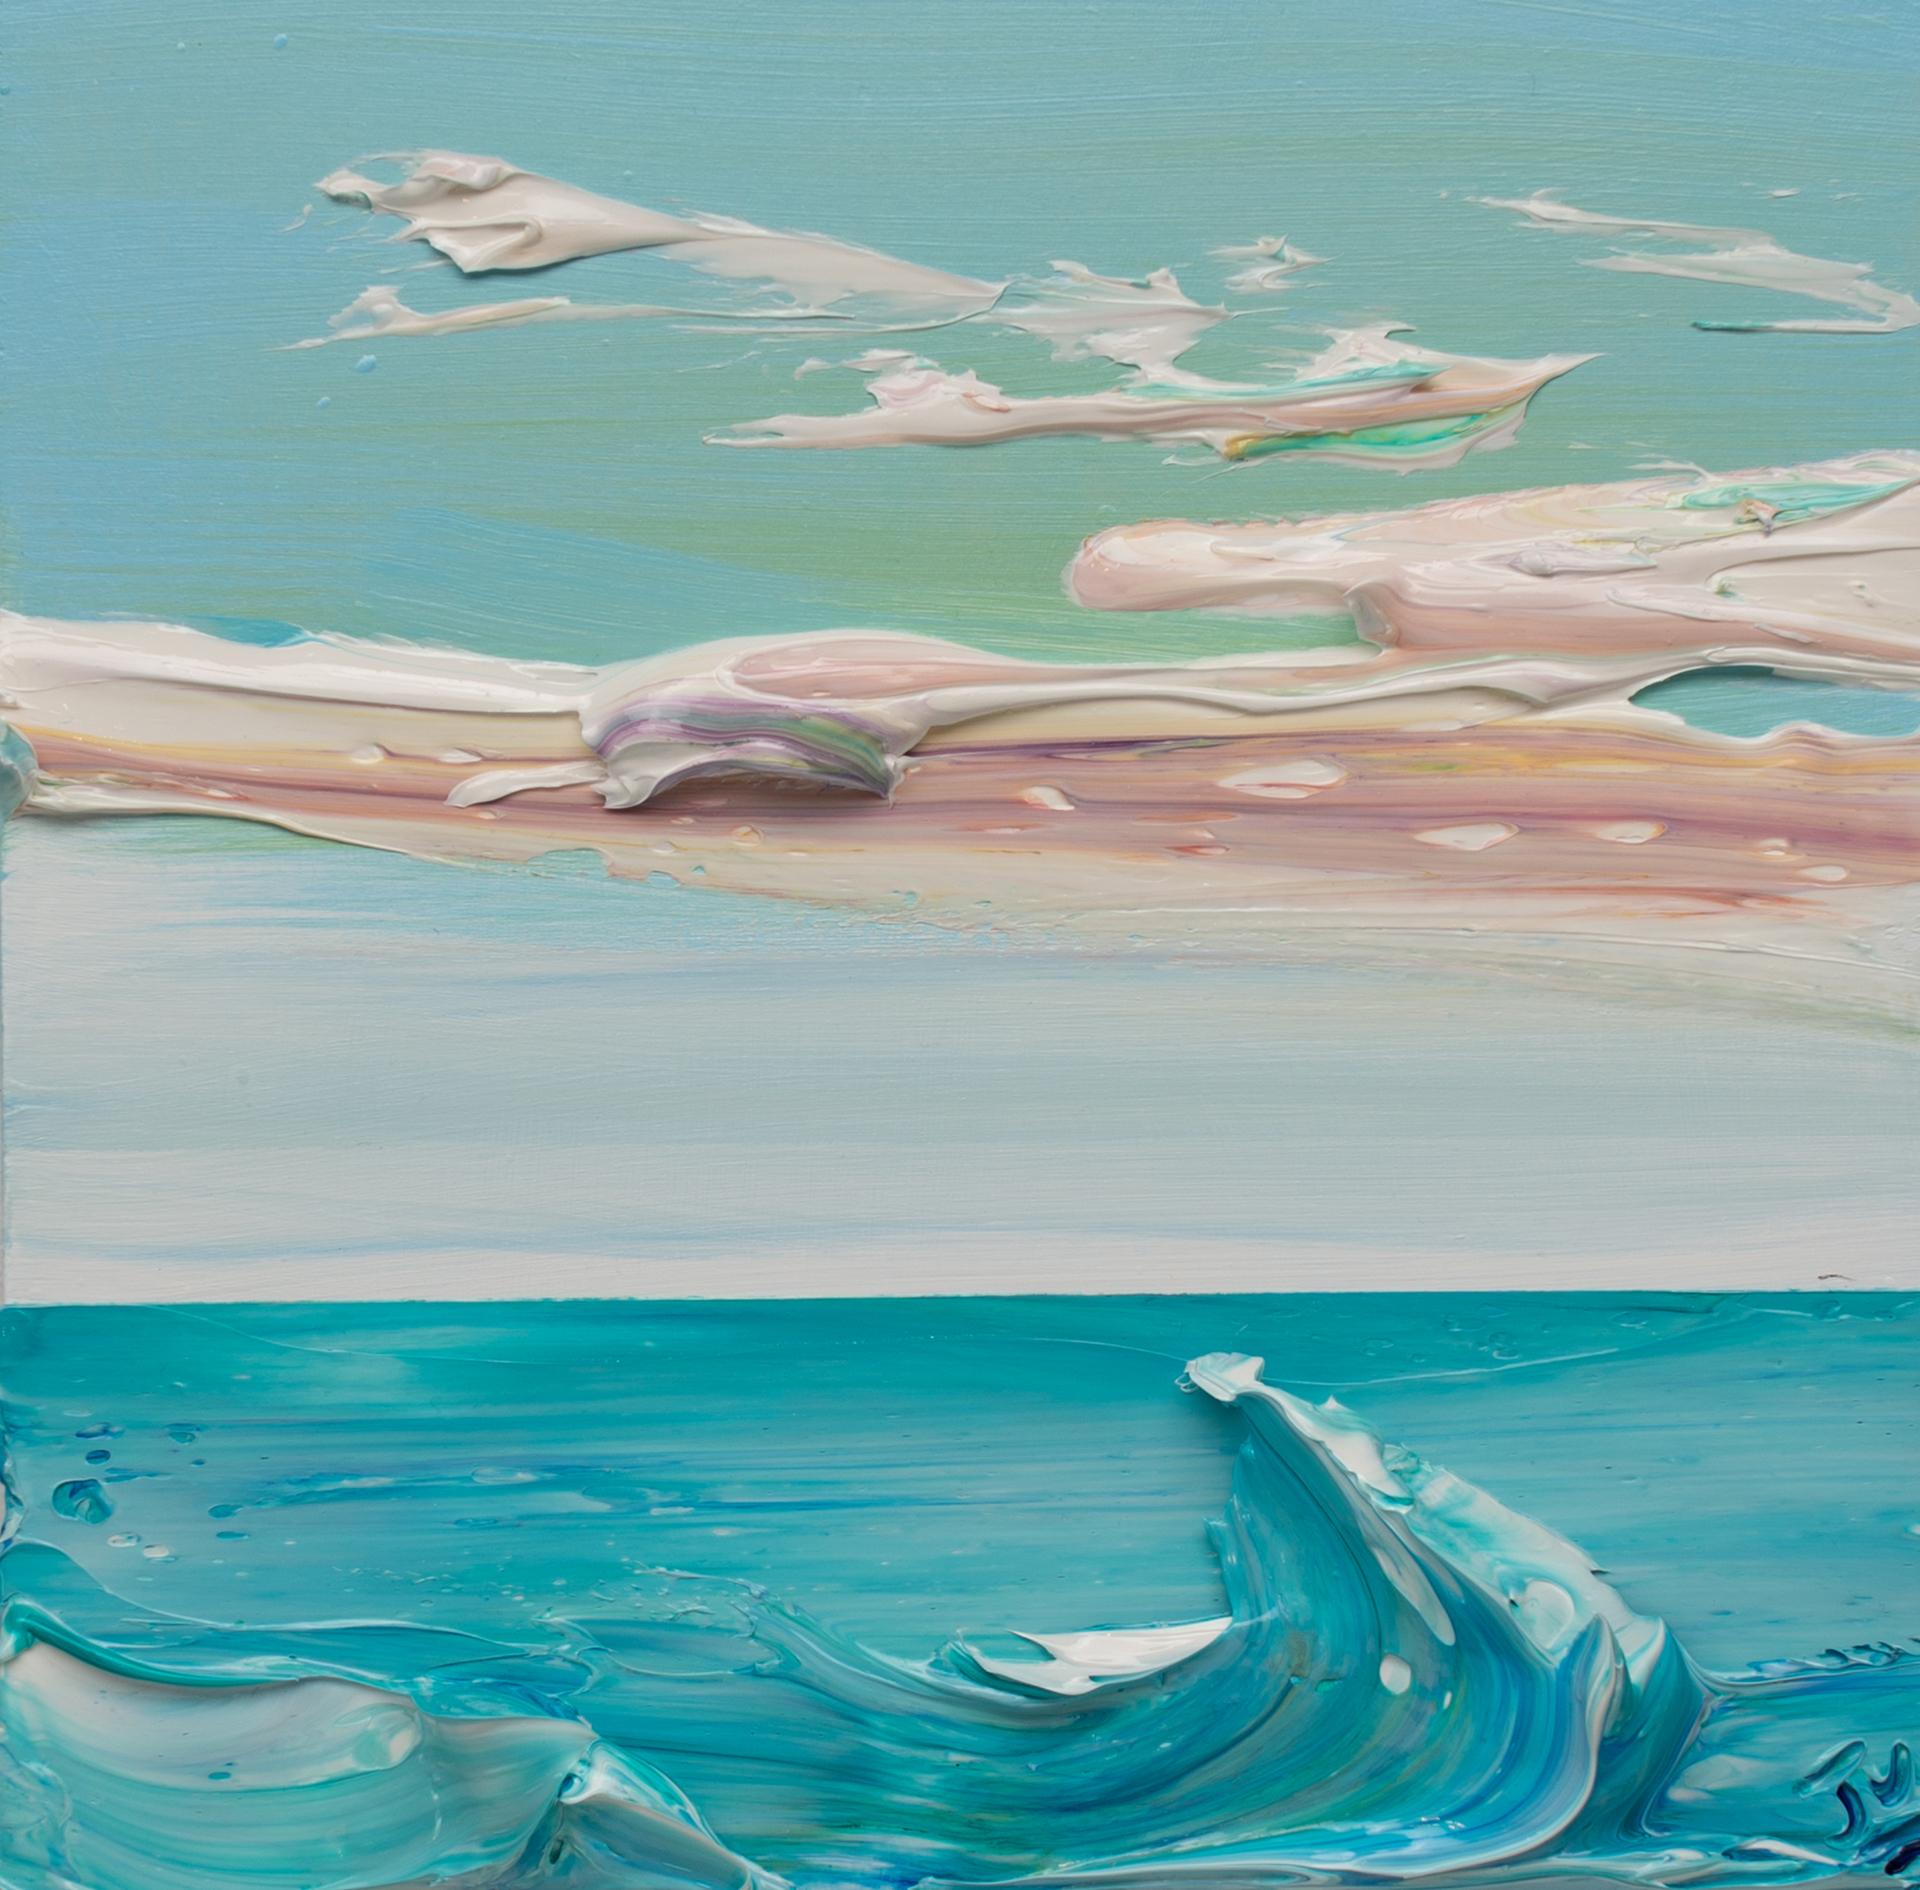 SEASCAPE SS-12x12-2020-059 by JUSTIN GAFFREY